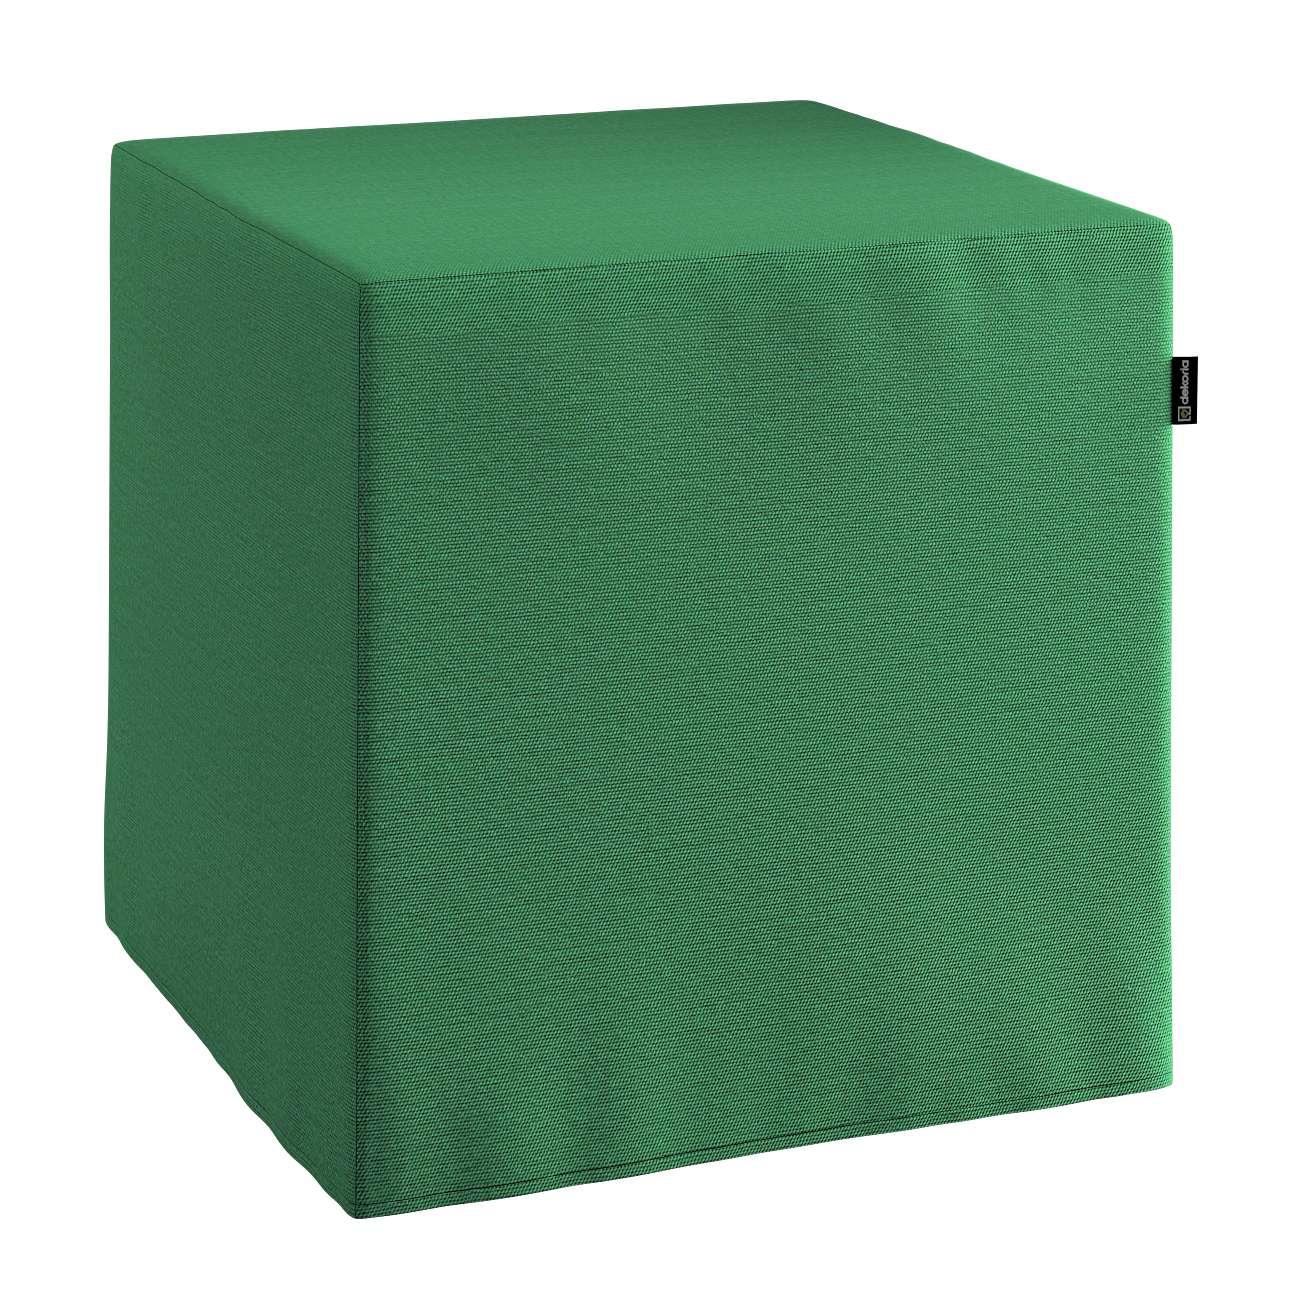 Pokrowiec na pufę kostke kostka 40x40x40 cm w kolekcji Loneta, tkanina: 133-18